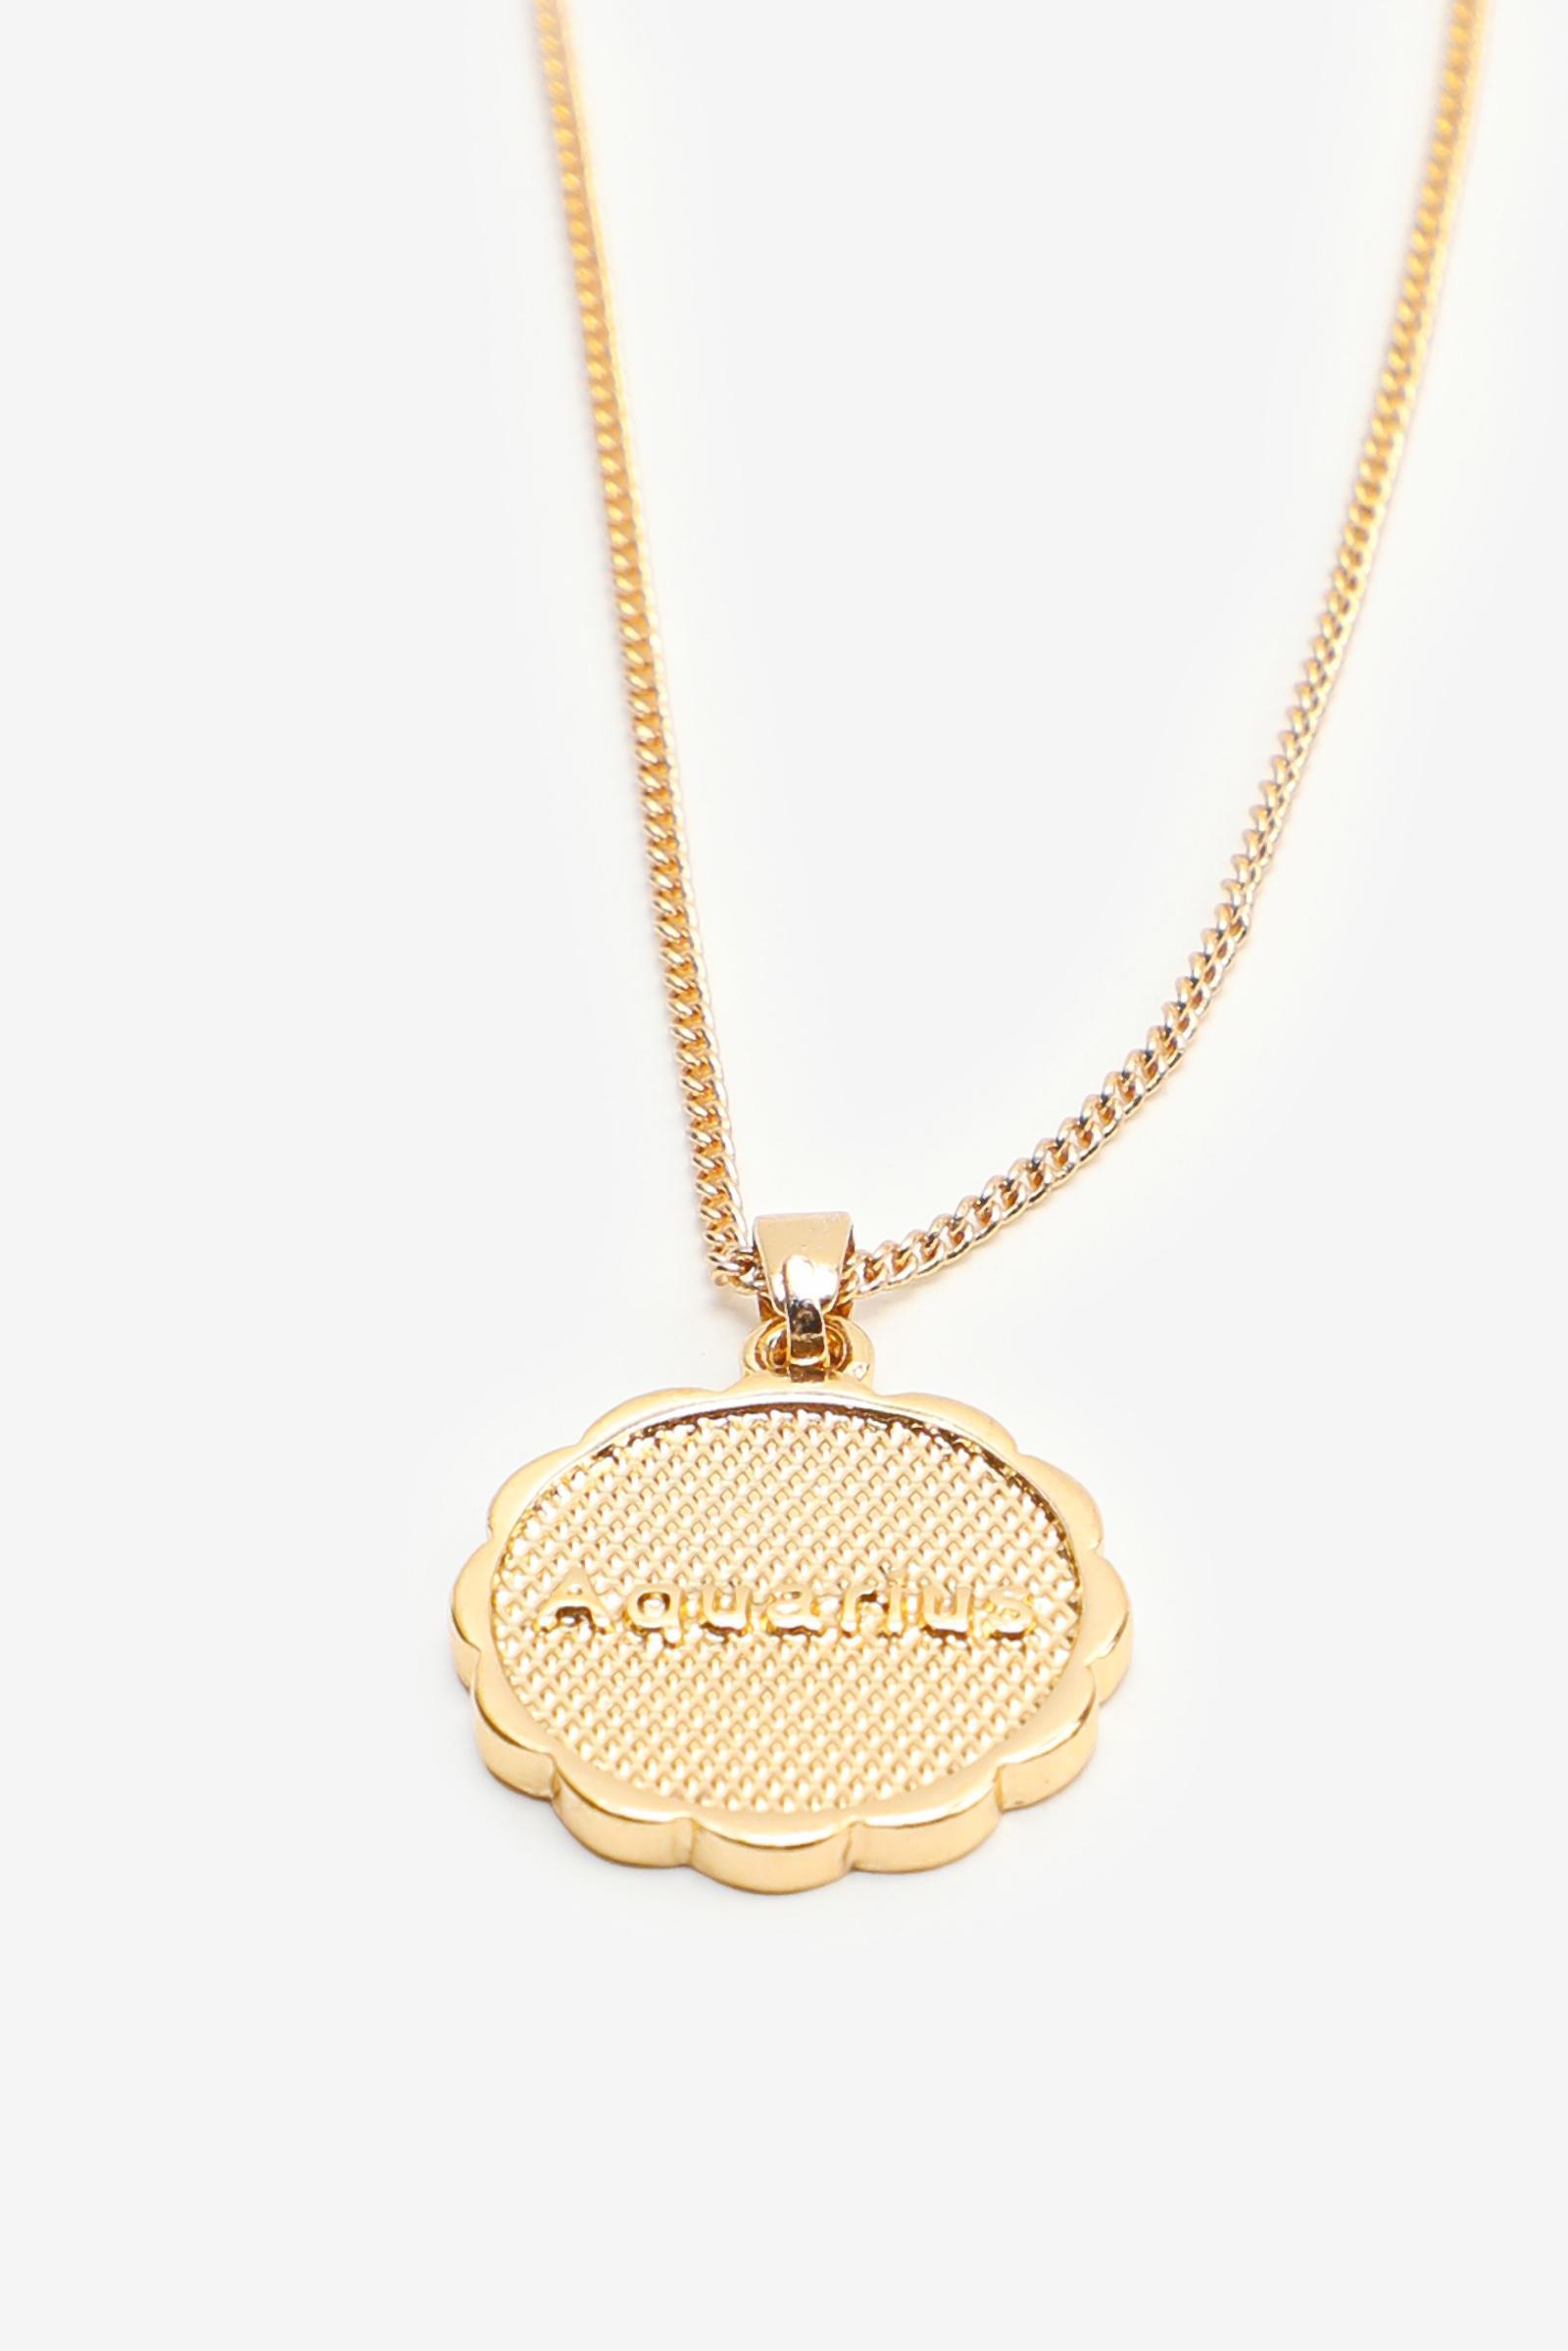 Zodiac Aquarius Pendant Necklace